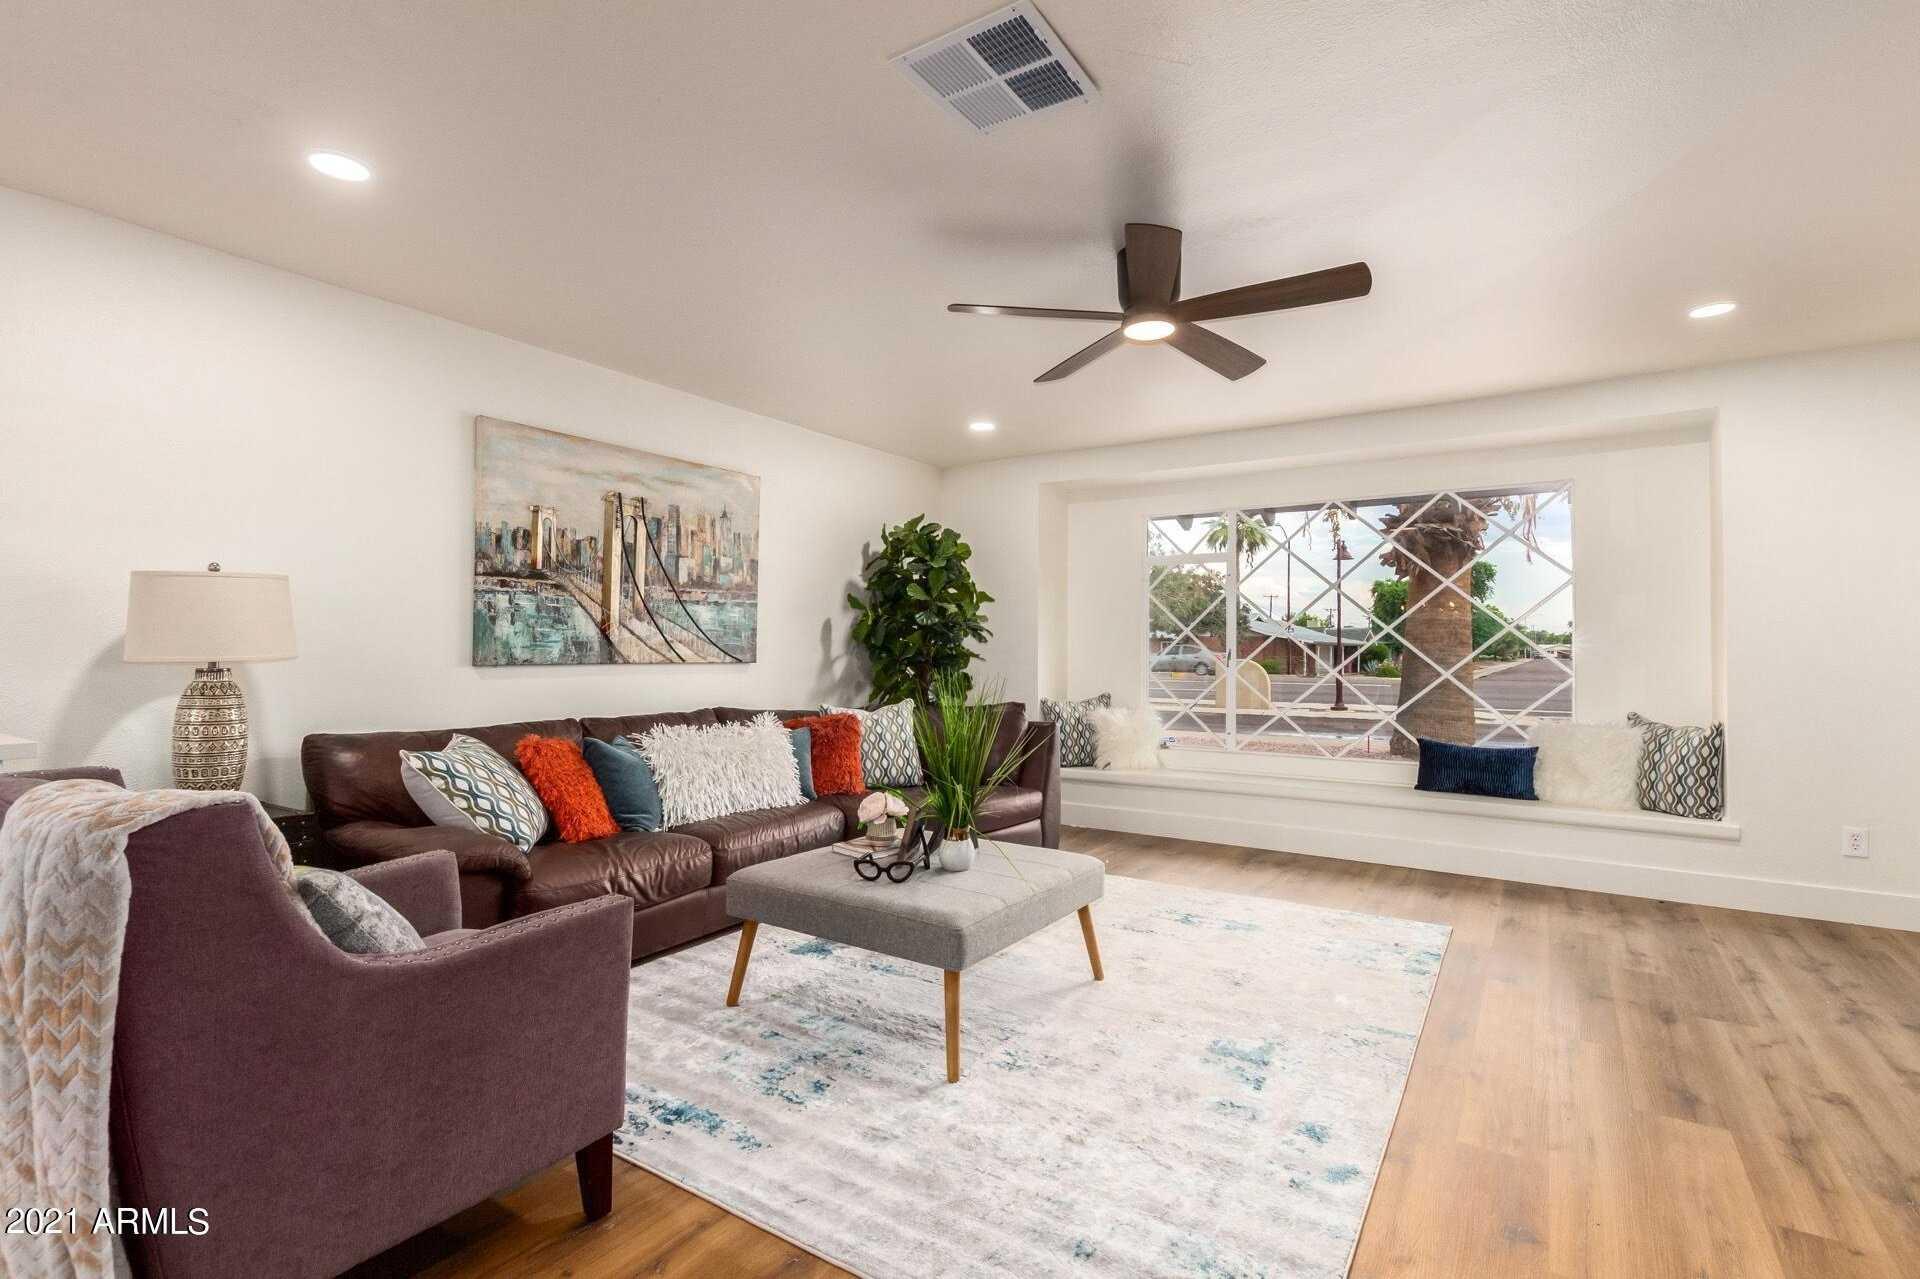 $689,900 - 3Br/2Ba - Home for Sale in Scottsdale Estates 9 Lots 1184-1350, Scottsdale